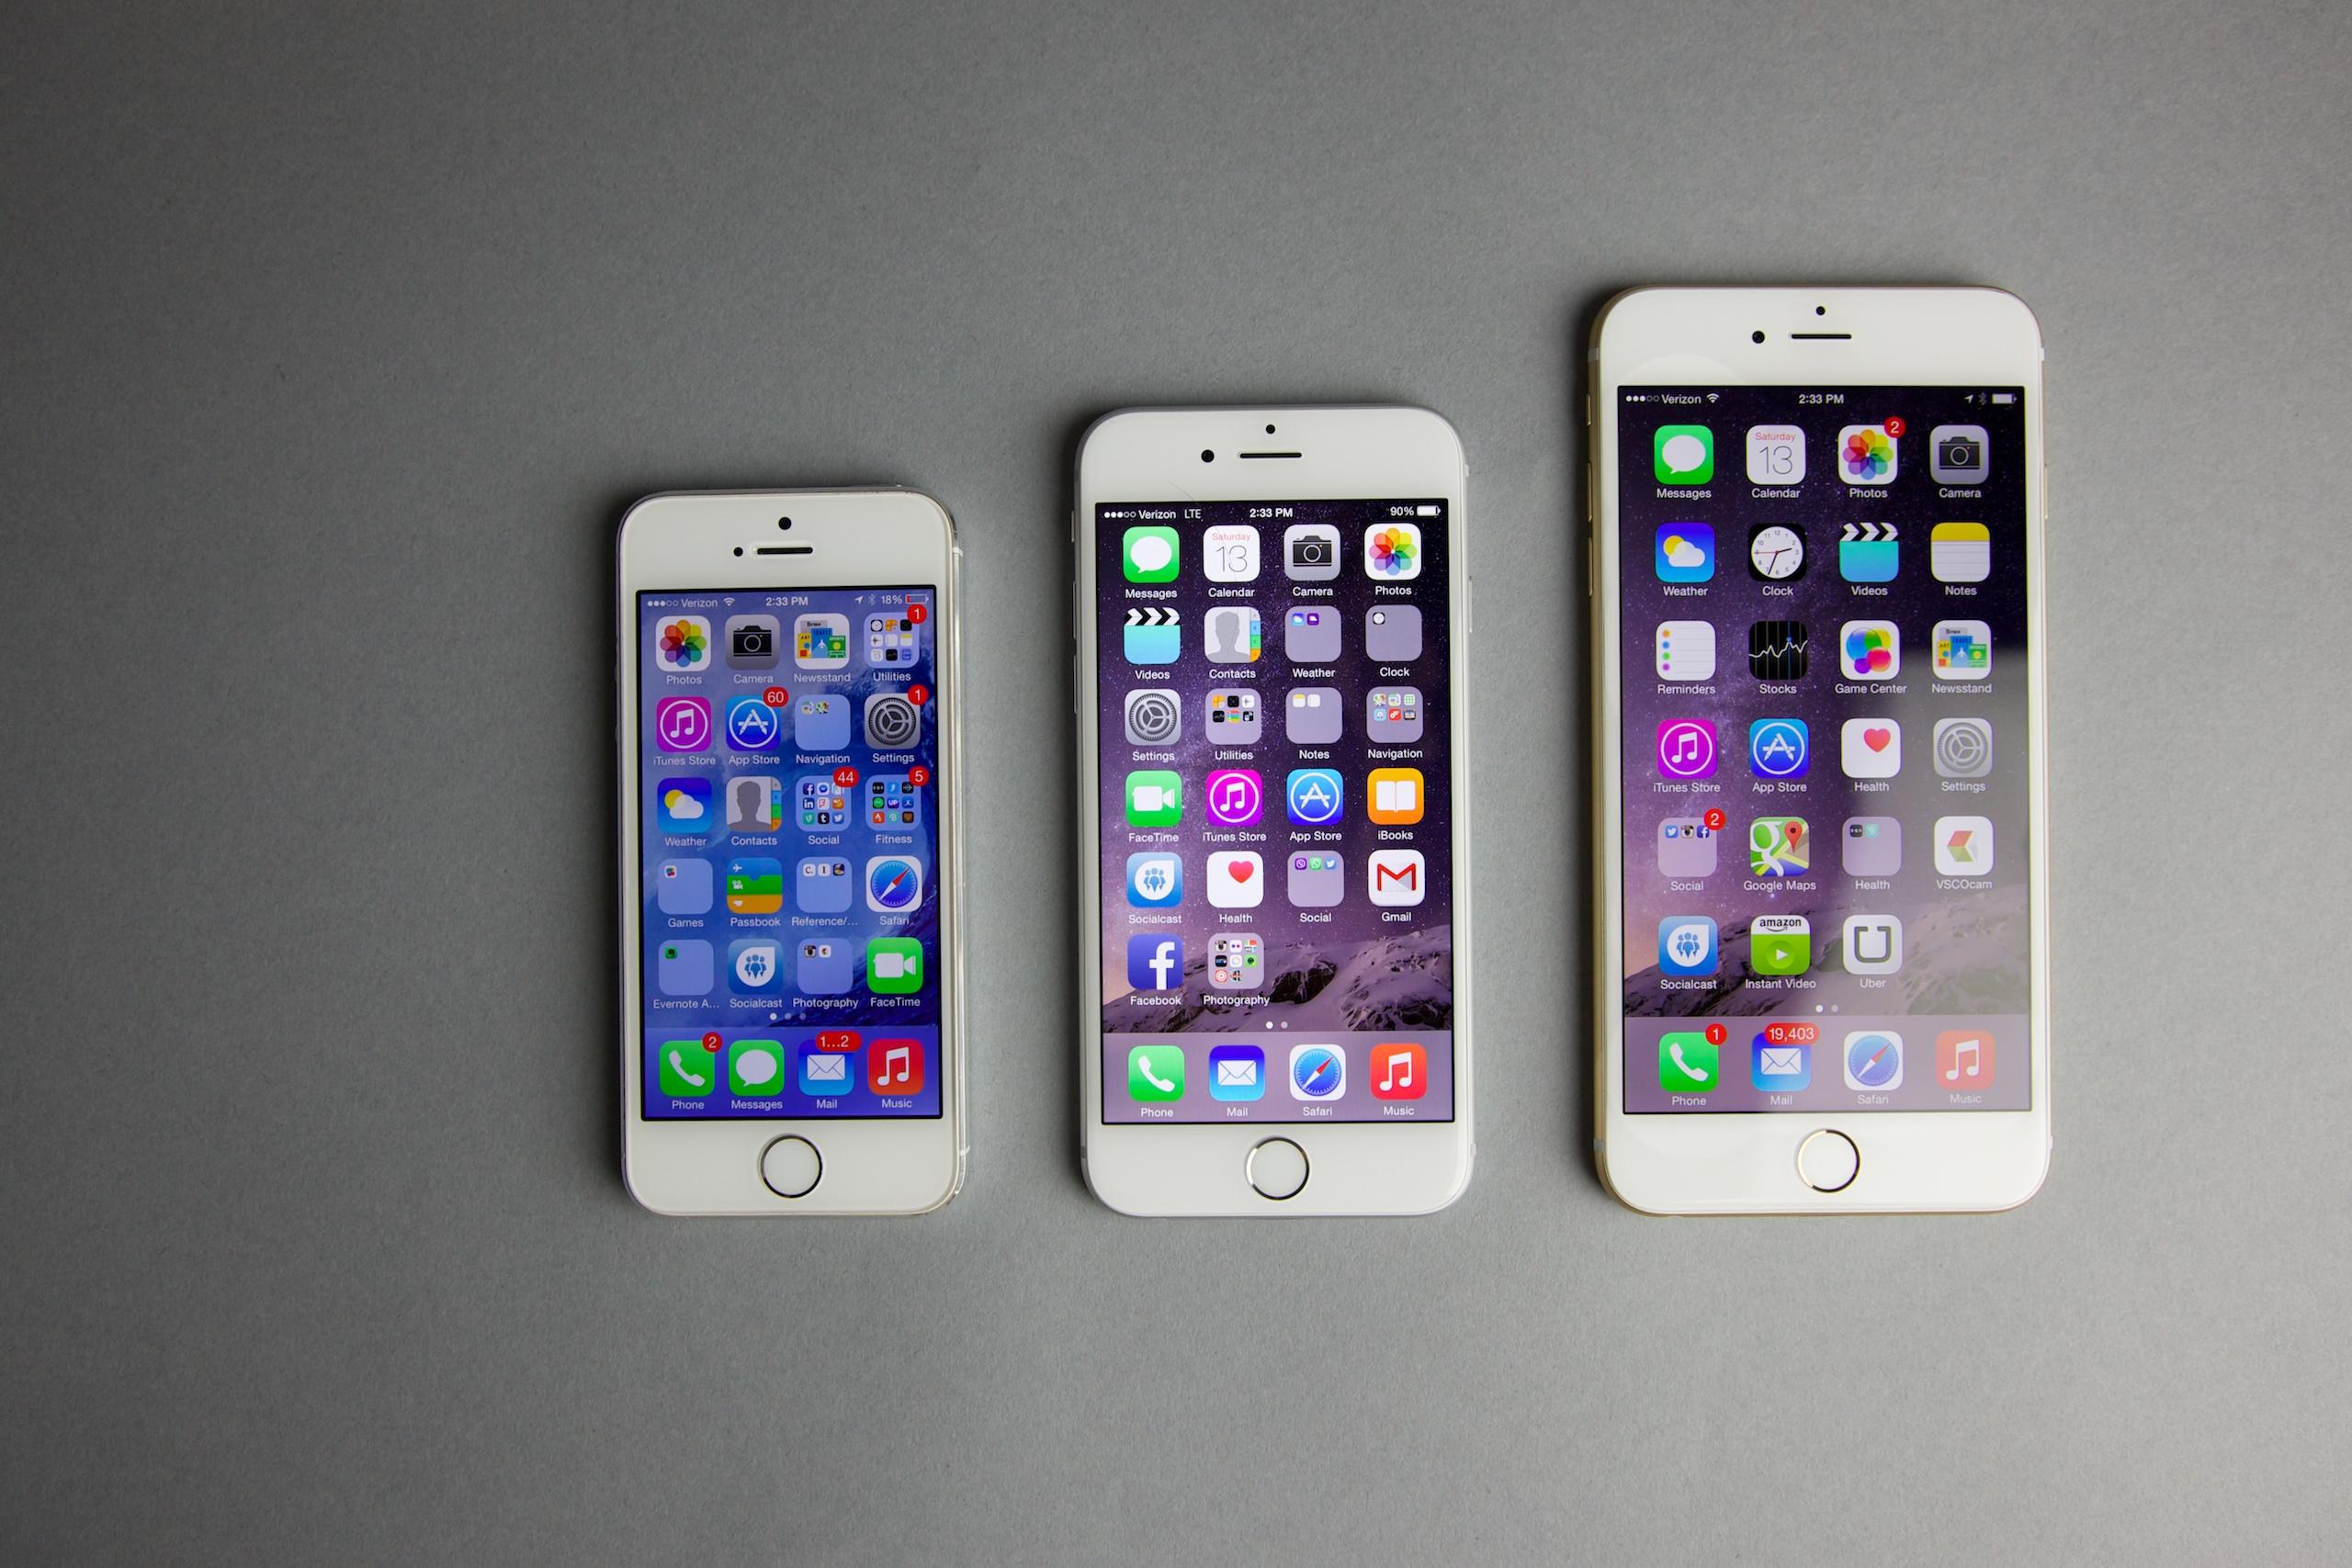 Trung Tâm Sửa Chữa Smartphone Uy Tín Quận 7 hcm